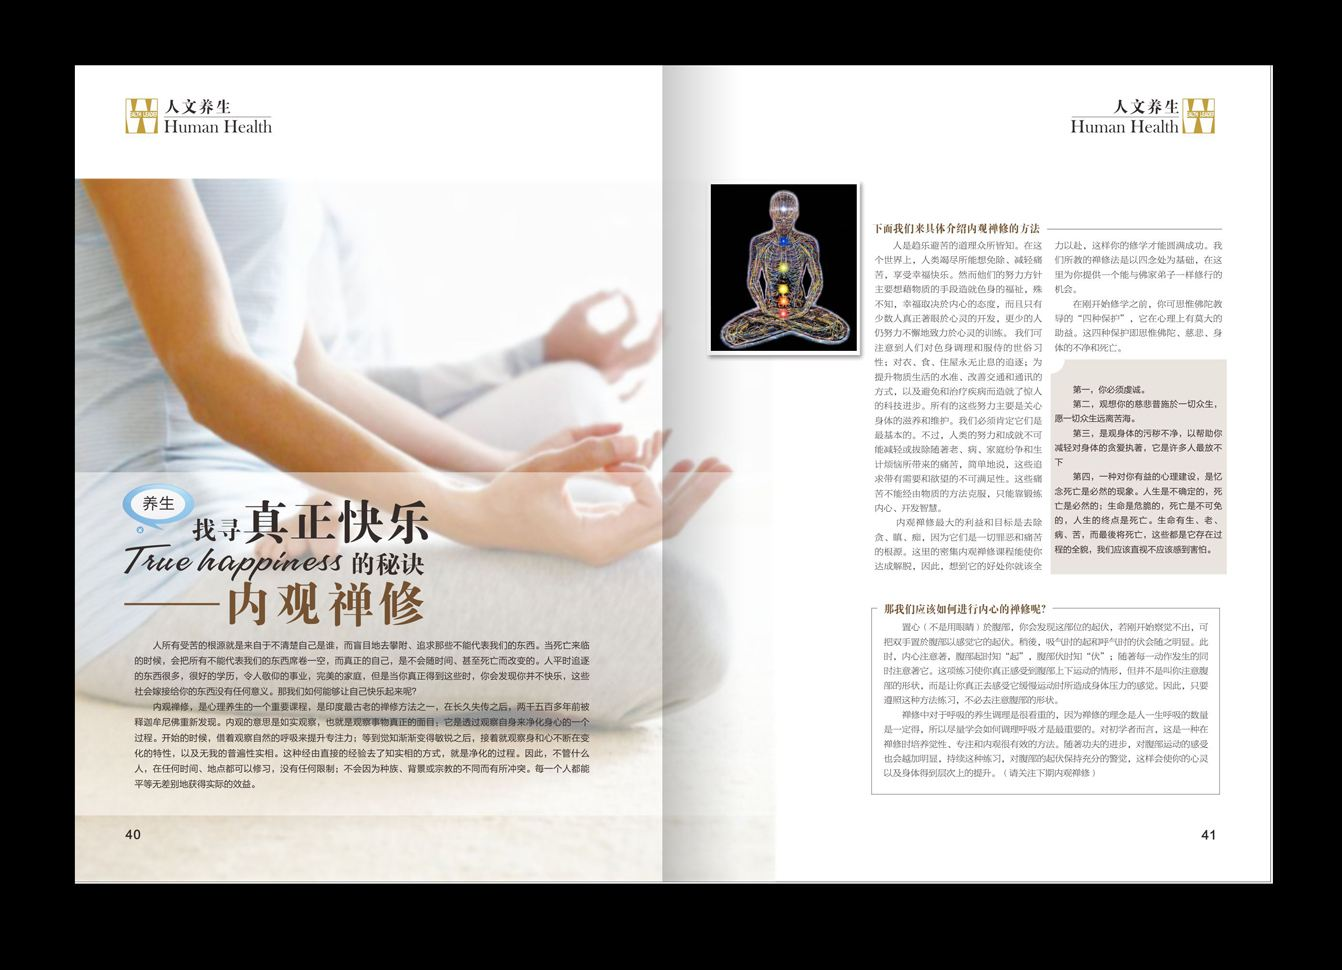 期刊杂志武磊乐动体育